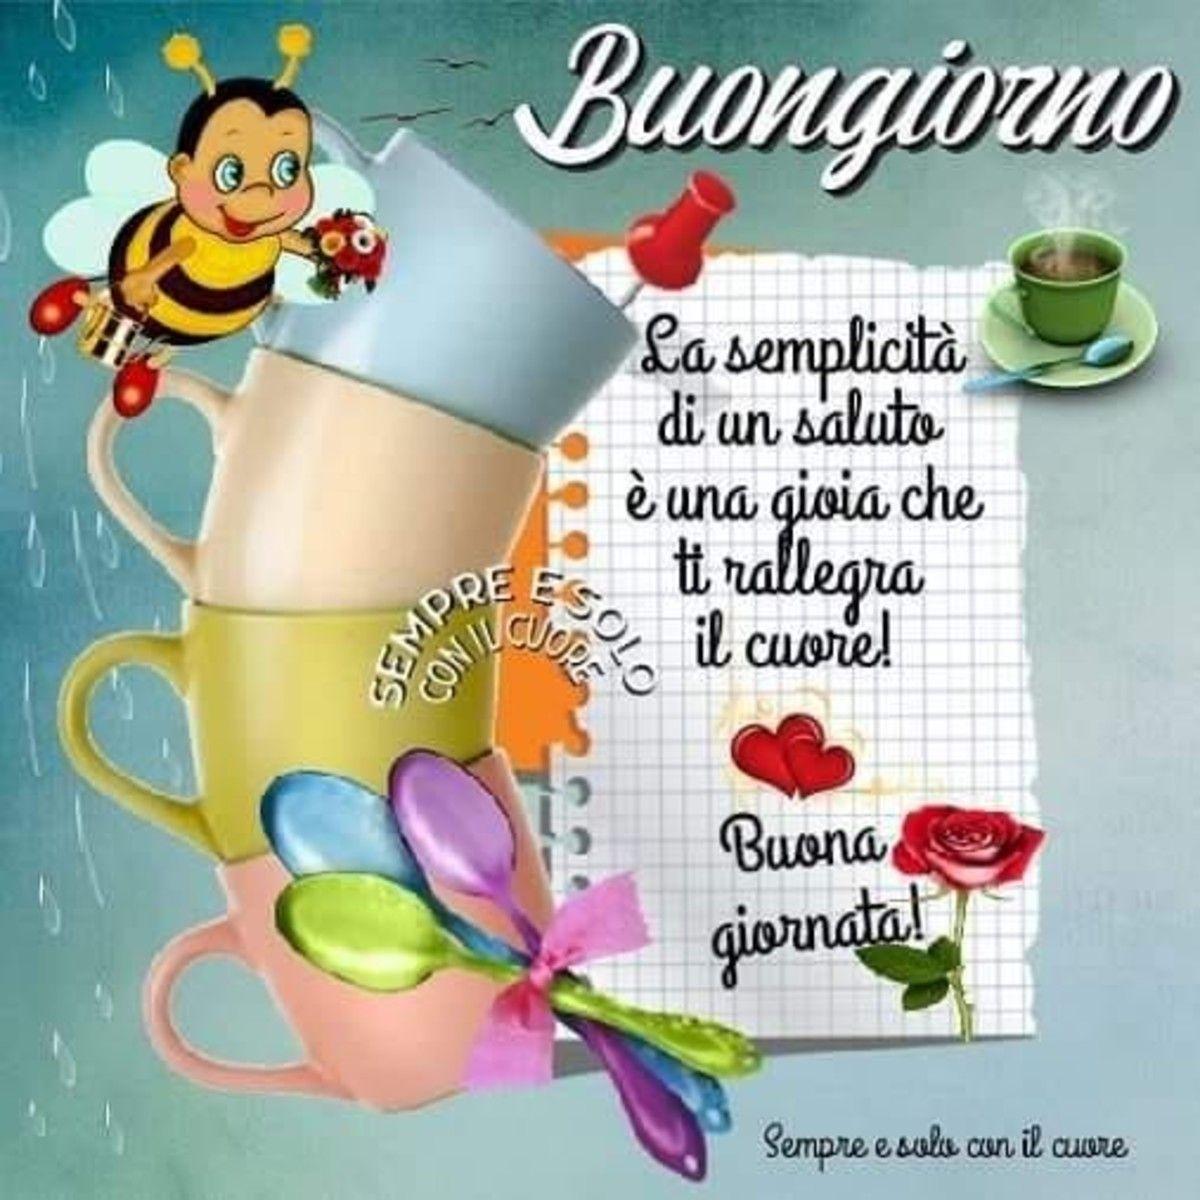 Buongiorno Allegro A Tutti 5 Buongiornoate It